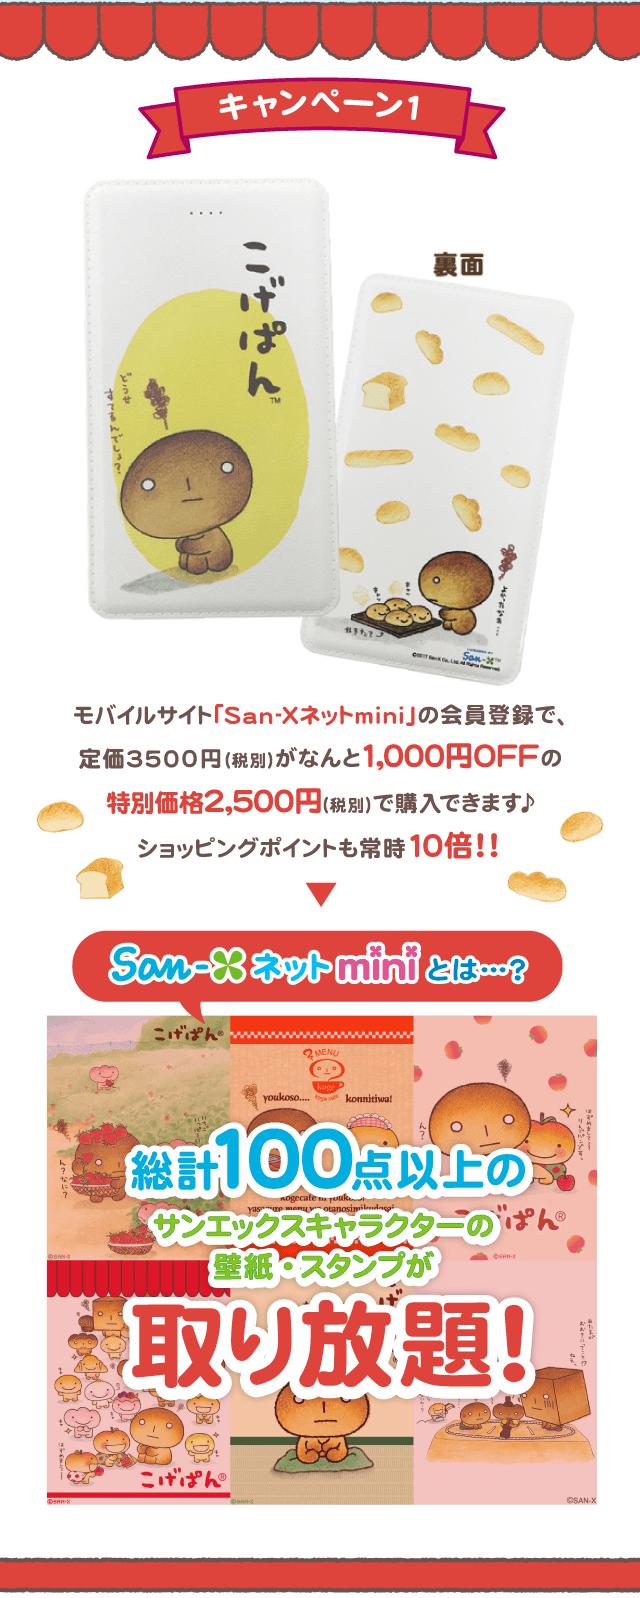 San-XキャラShopモバイルバッテリー発売キャンペーンこげぱん